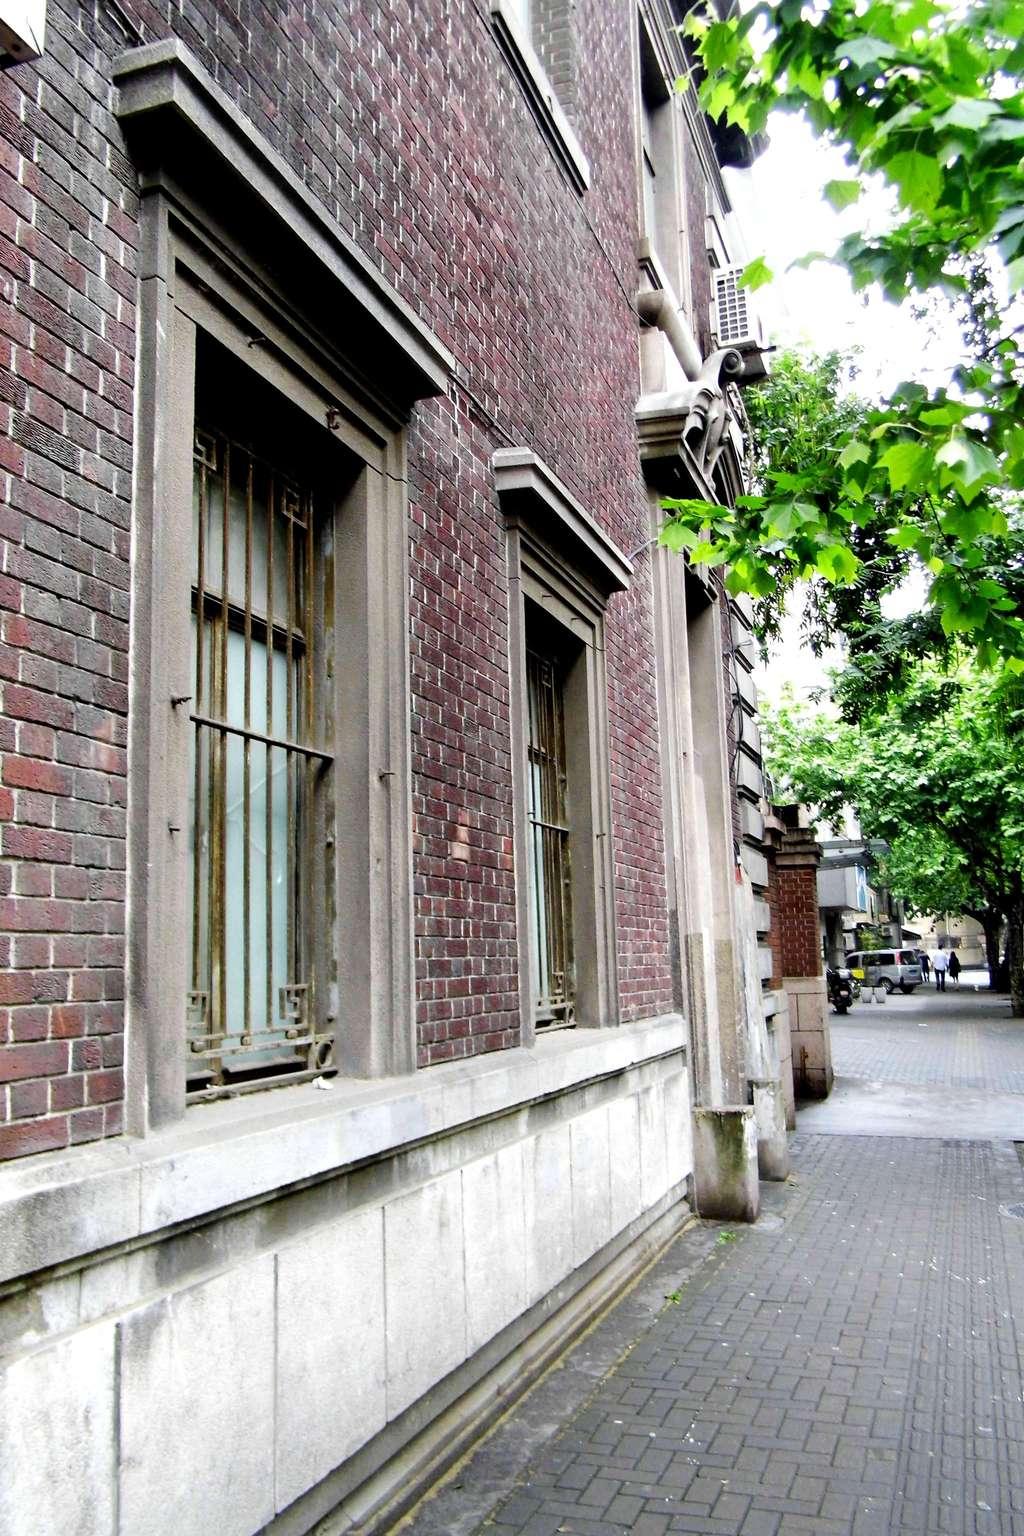 2013-5-18上海汾陽路、太原路、上海音樂學院 5曰18日,是古琴家、國際古琴學會會長喬珊在上音舉辦獨奏音樂會的日子。習琴半年有余,自然不能錯過。這天恰逢周六,上午下了半天雨,下午雖然收住雨勢,卻是水霧彌漫,嫩陰如夜。但趁此良機,正好在演奏之前逛一逛學院周邊的幾處老弄堂。 上海音樂學院建在汾陽路上,走在街道上,才知道它有多窄多小,多么不起眼。盡管如此,在昔日滬上,它卻是久負盛名。漫不說有這樣一座國內的頂級藝術學府坐鎮其間,便是遠在學院進駐之前,也已是名流權貴的長居地,眾多別墅洋樓紛紛入駐。1902年-